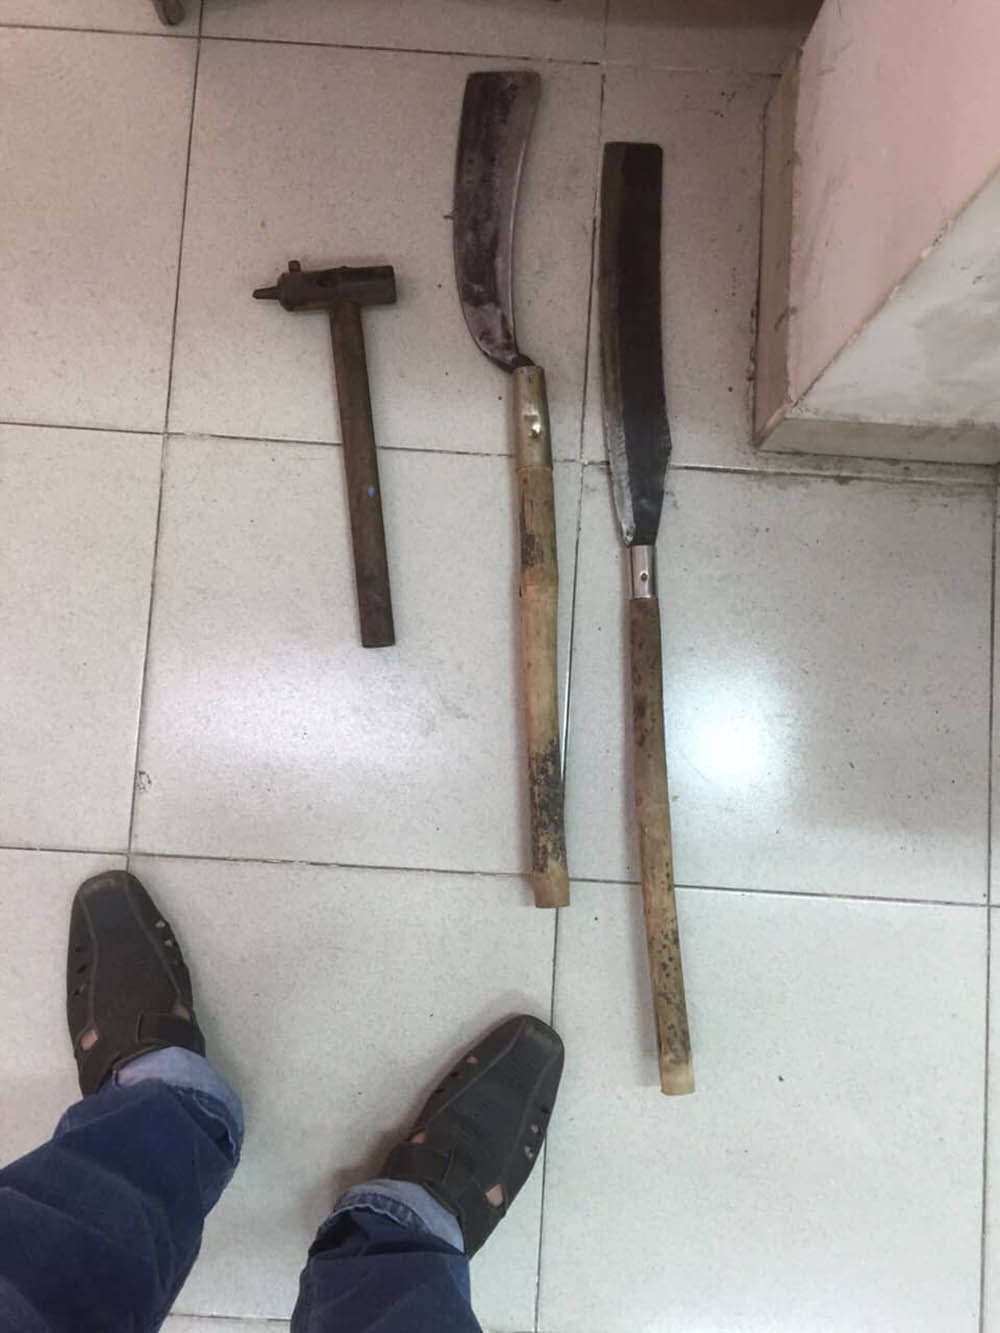 Kẻ giết 4 người ở Sài Gòn bị bắt khi đang tìm giết người thứ 5-5